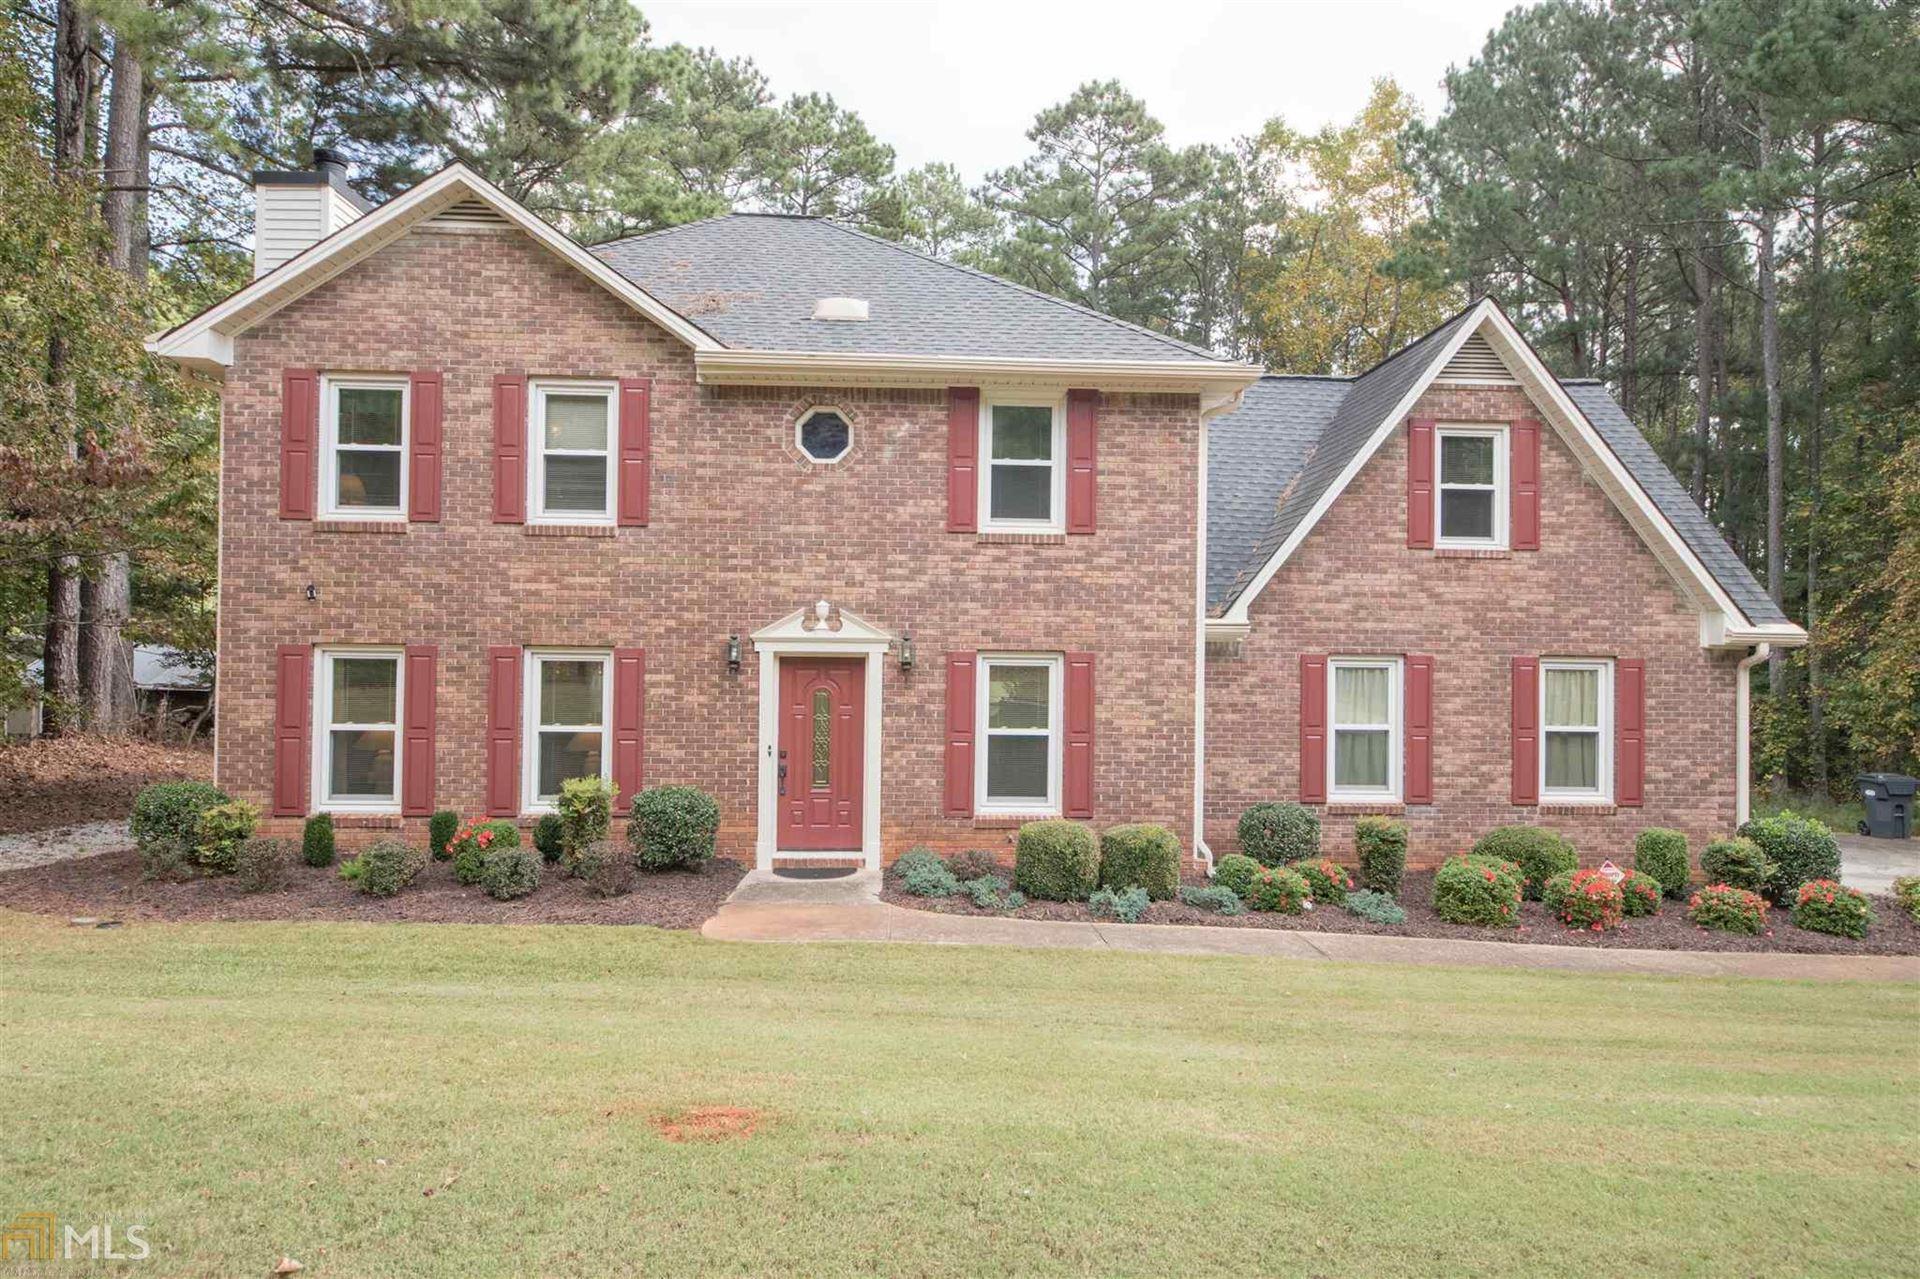 250 Bentley Way, Fayetteville, GA 30214 - MLS#: 8879003